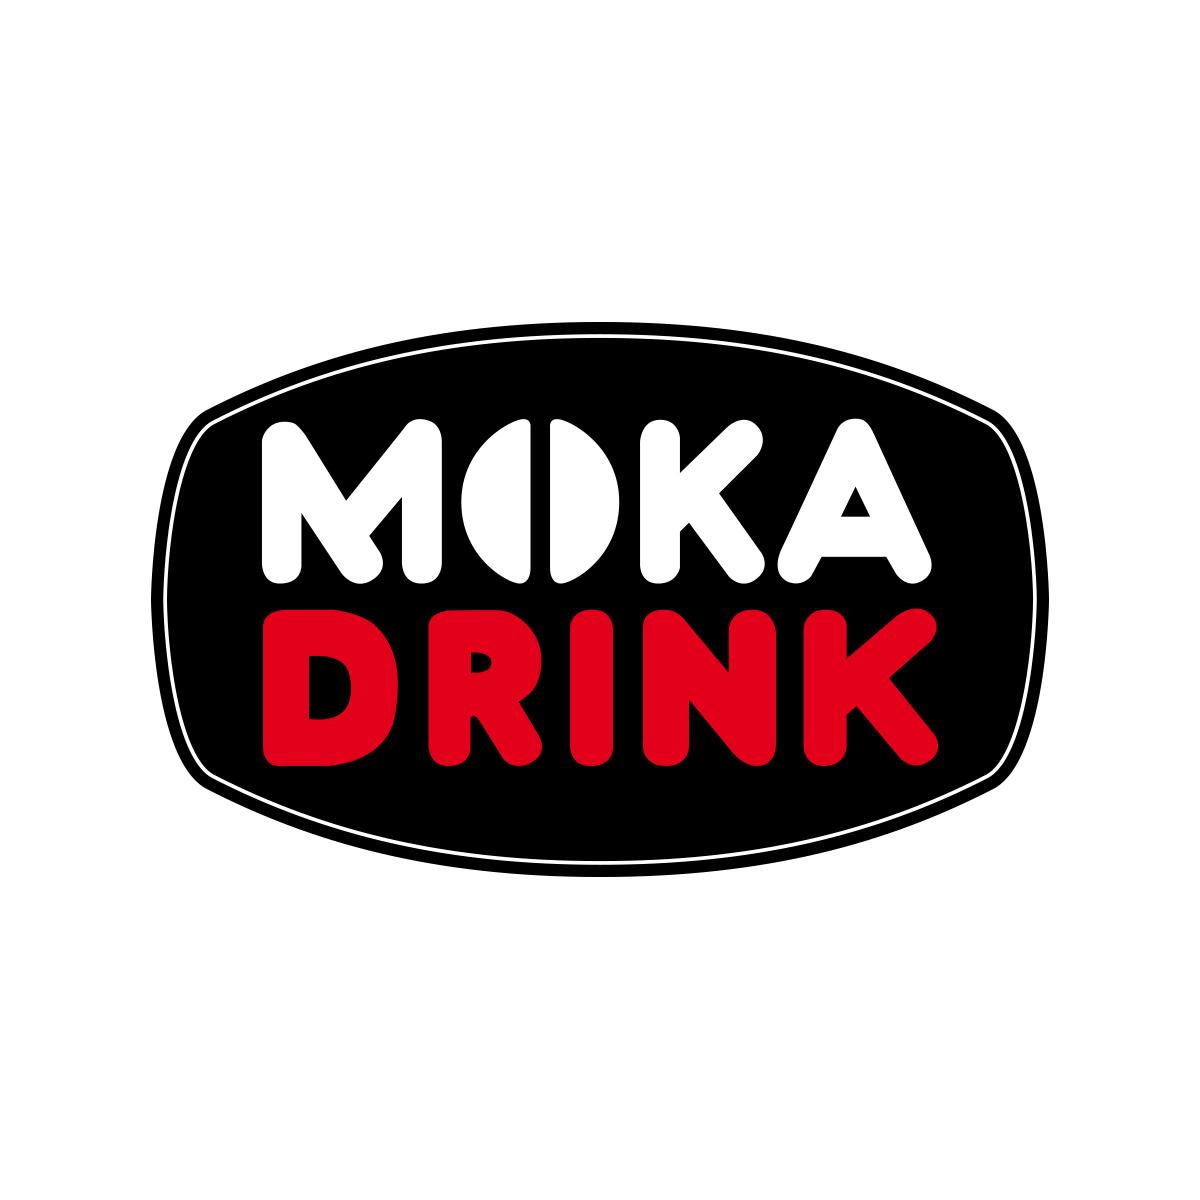 mokadrink-logo